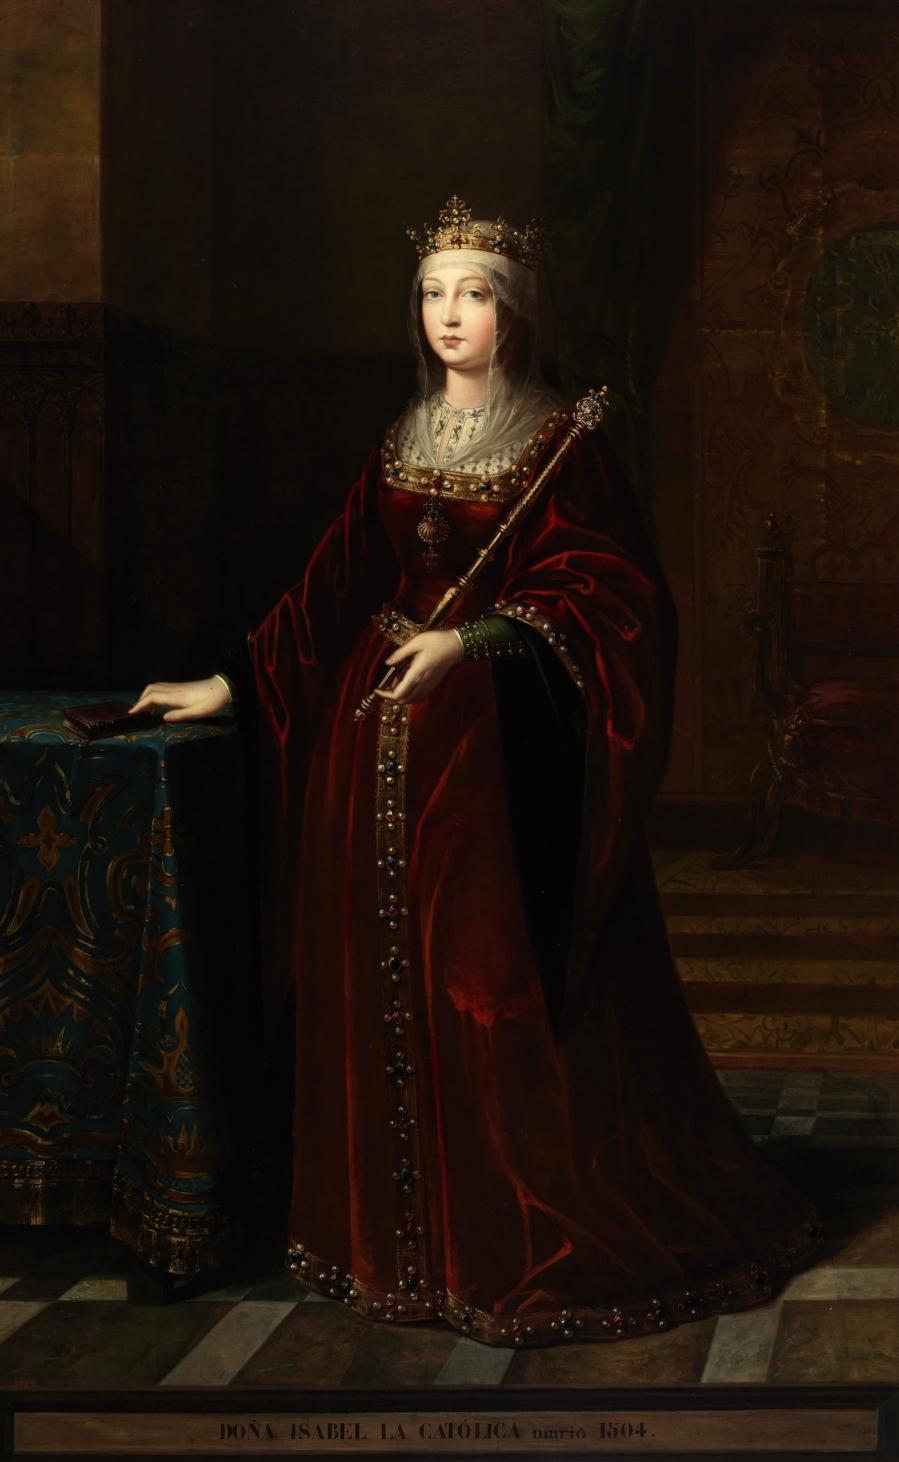 La reina Isabel I de Castilla.jpg